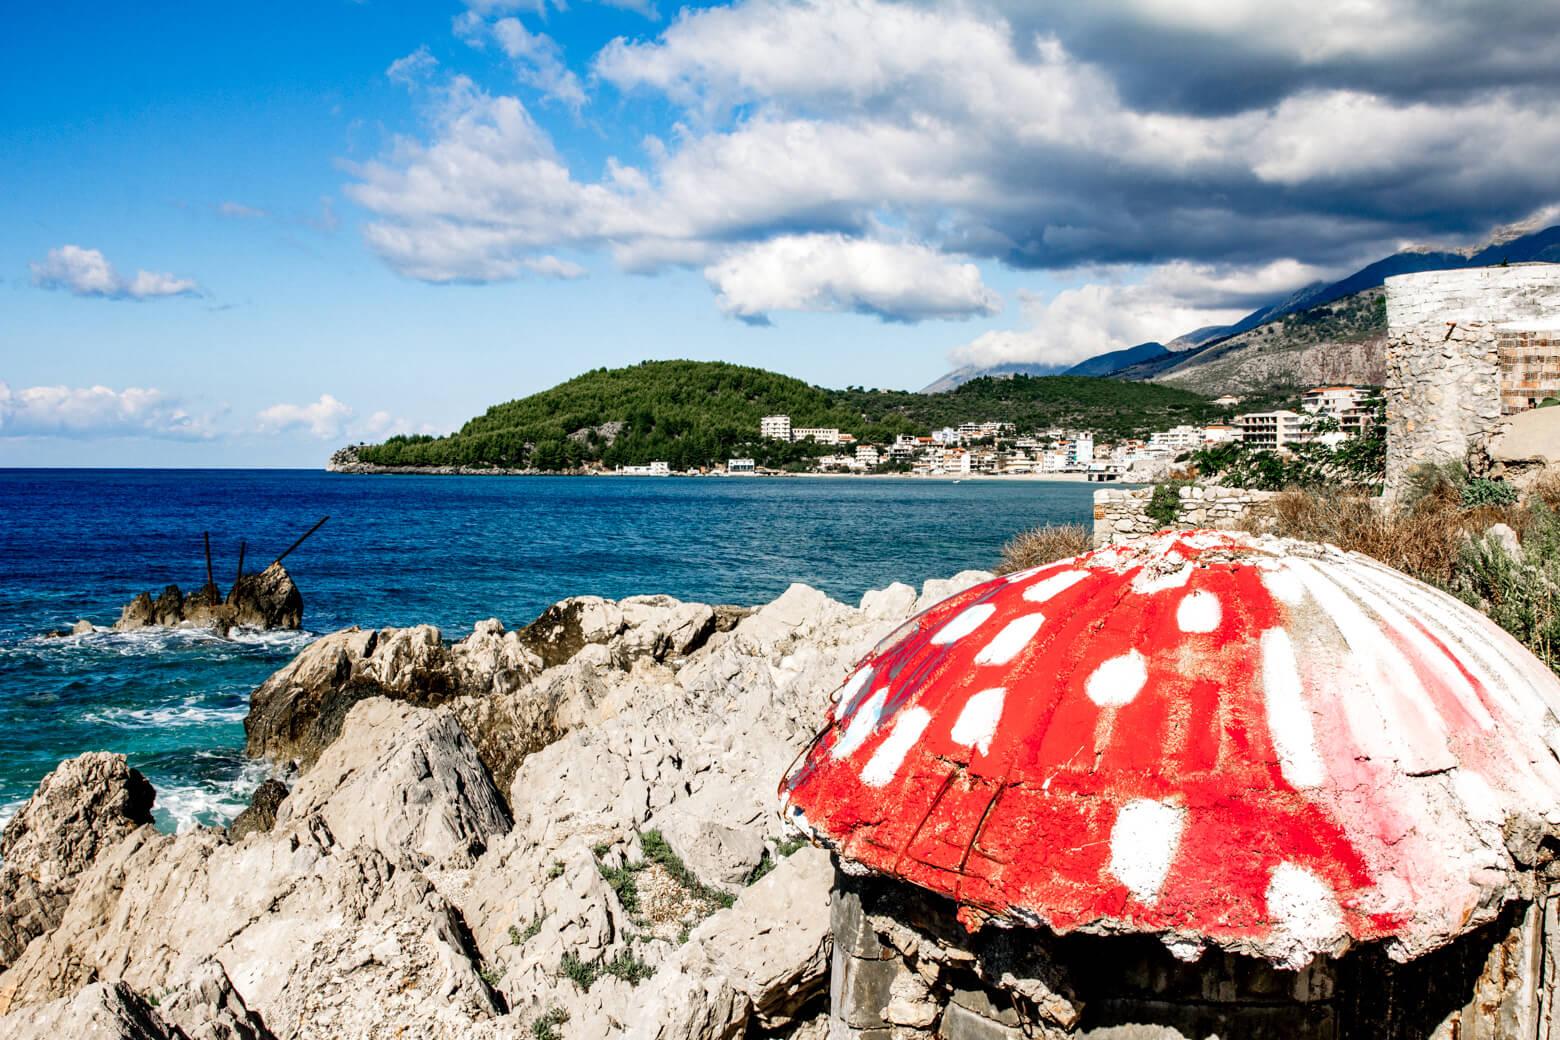 Красный бункер на пляже Химара Путеводитель по Албании